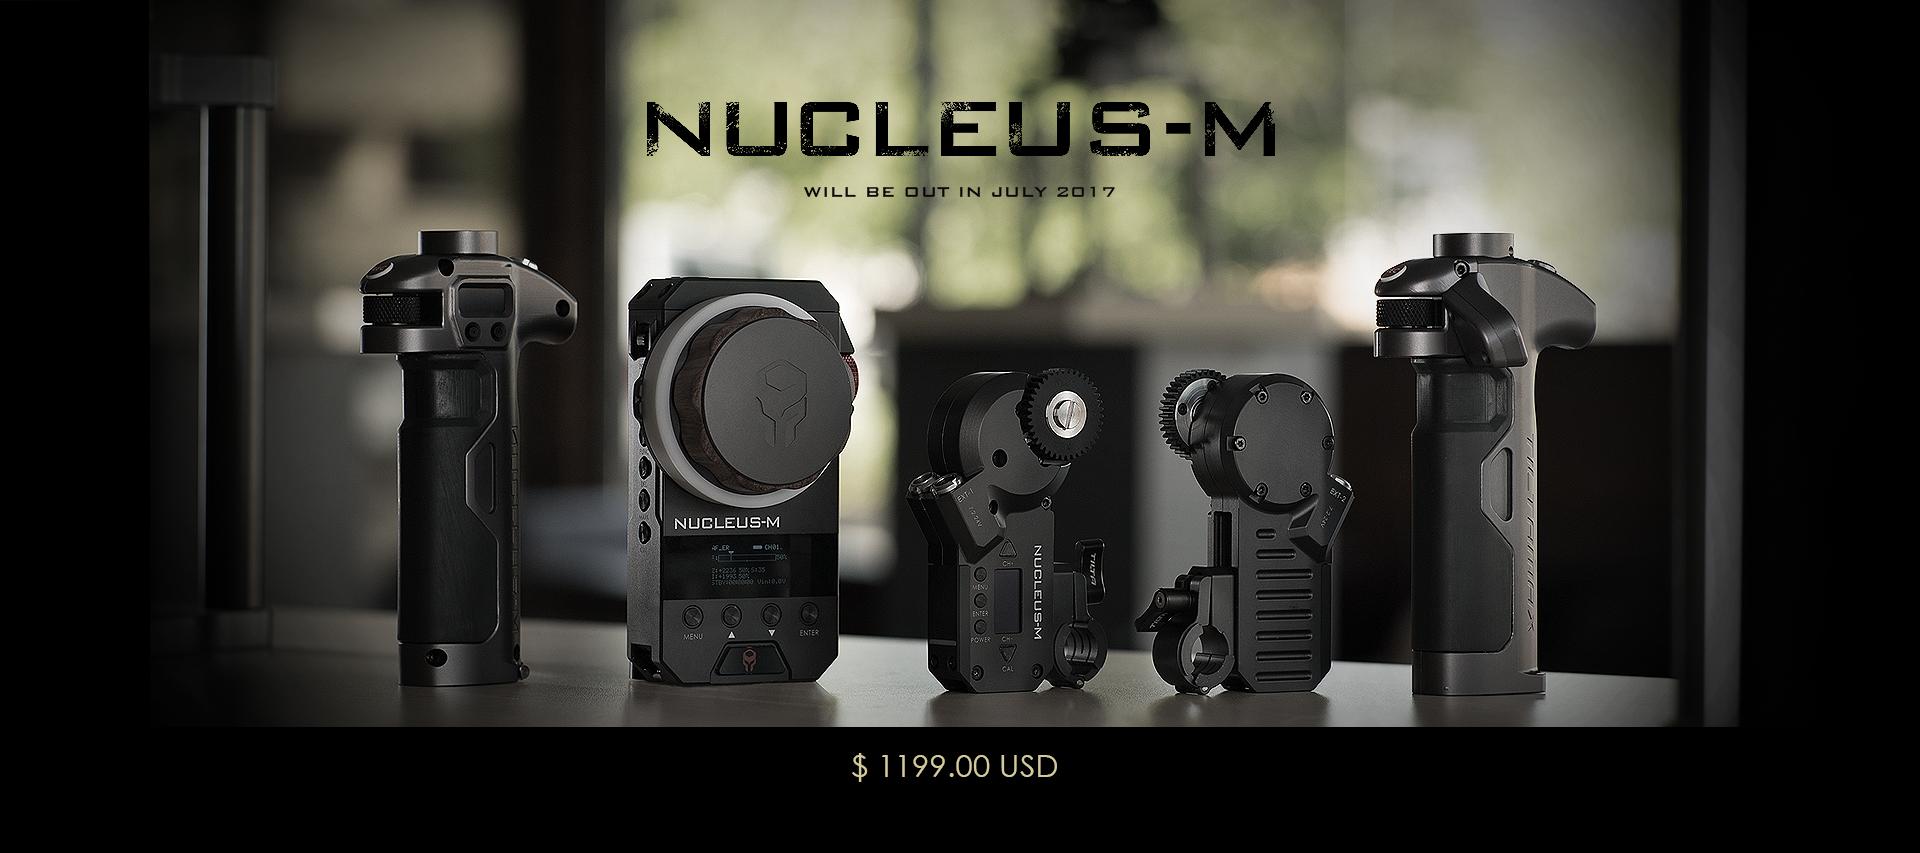 2017-nucleus-m001